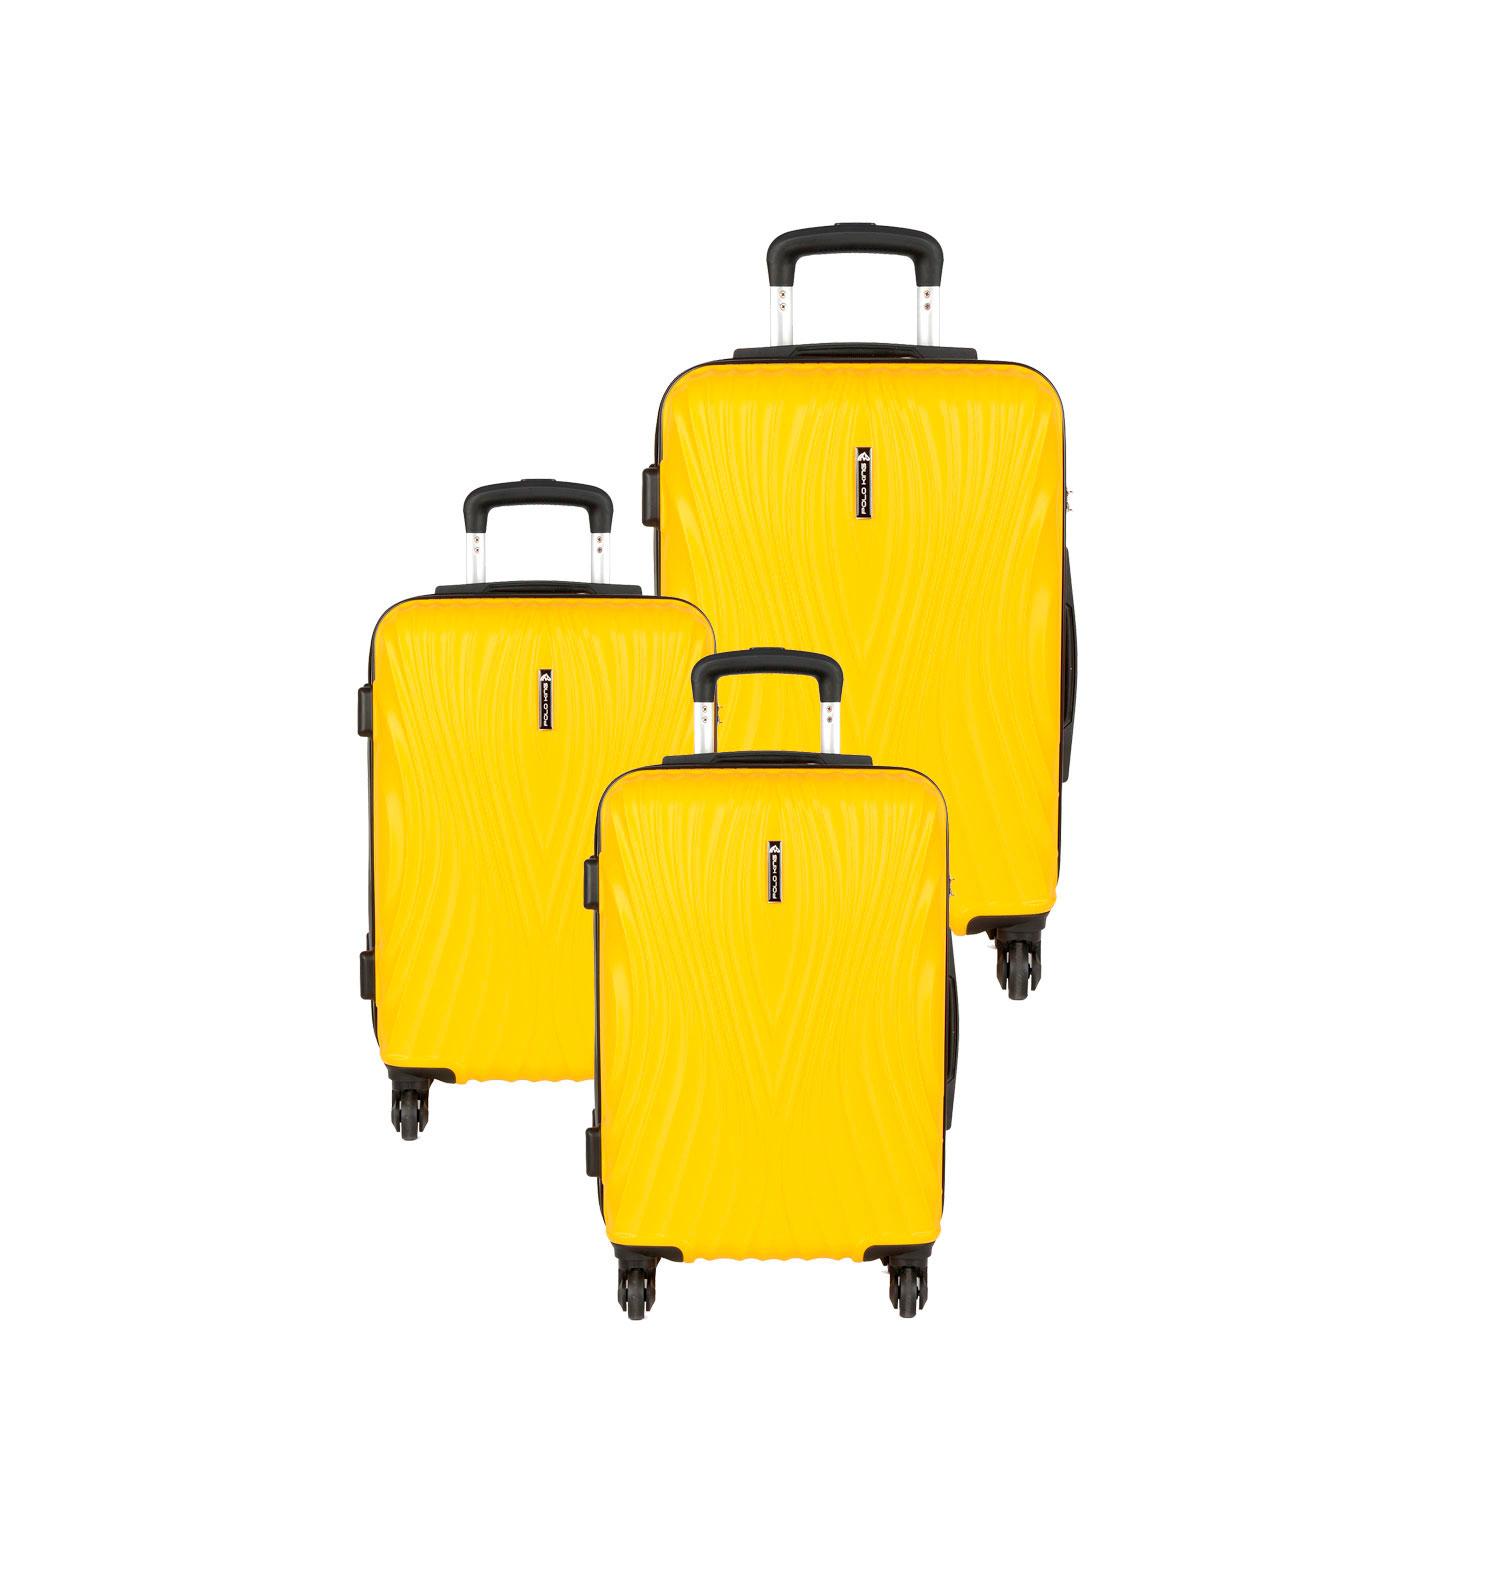 mala-de-viagem-rochester-polo-king-amarela-conjunto